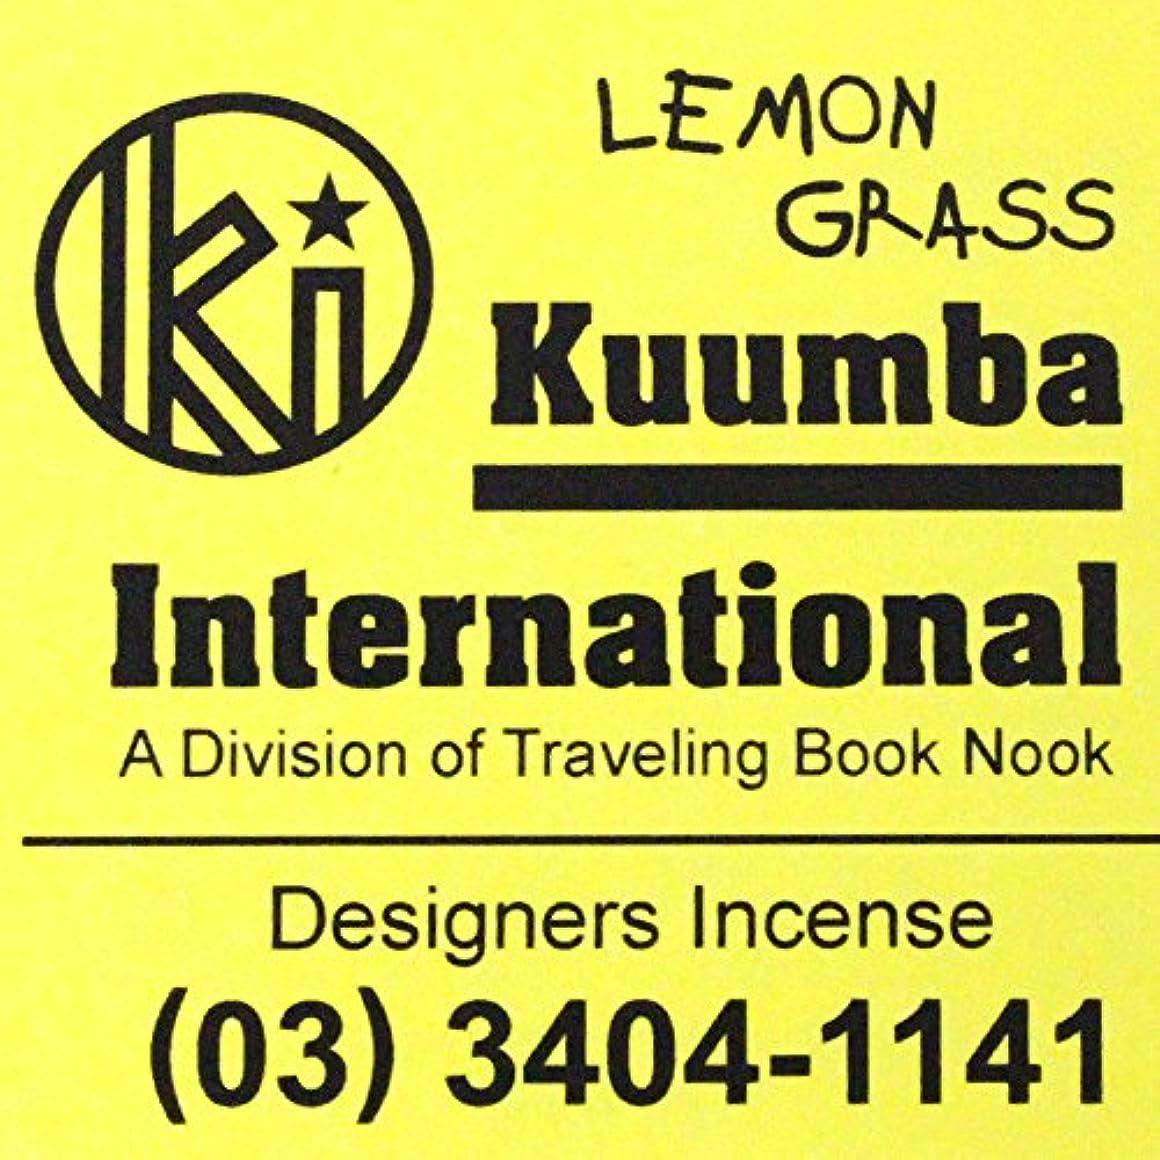 出します炎上急いで(クンバ) KUUMBA『incense』(LEMON GRASS) (Regular size)